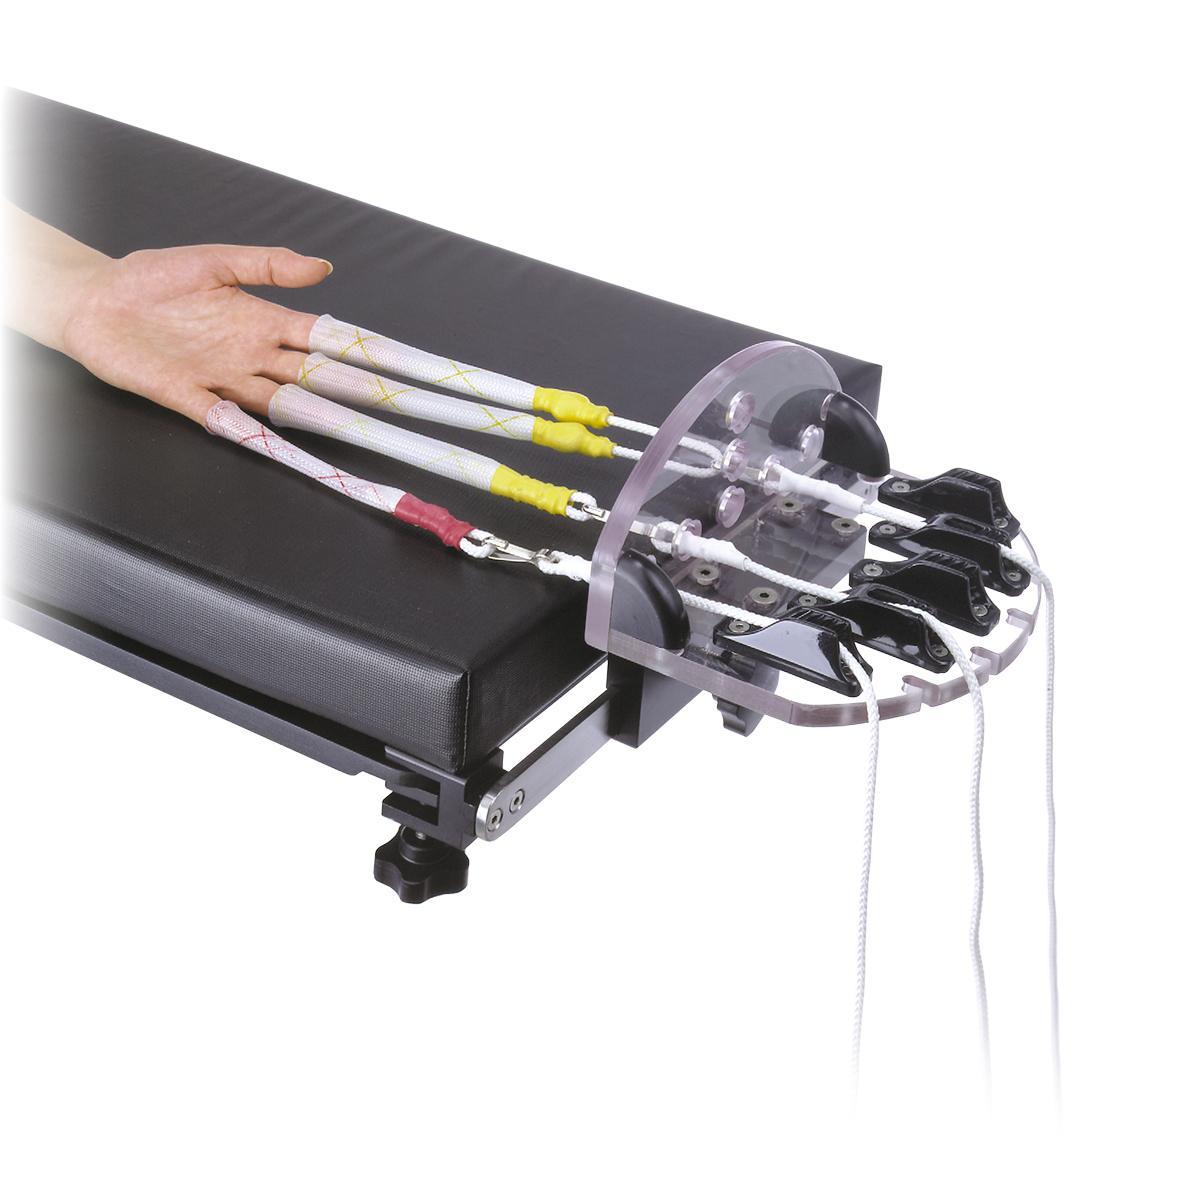 Schlein Hand Positioner with patient hand